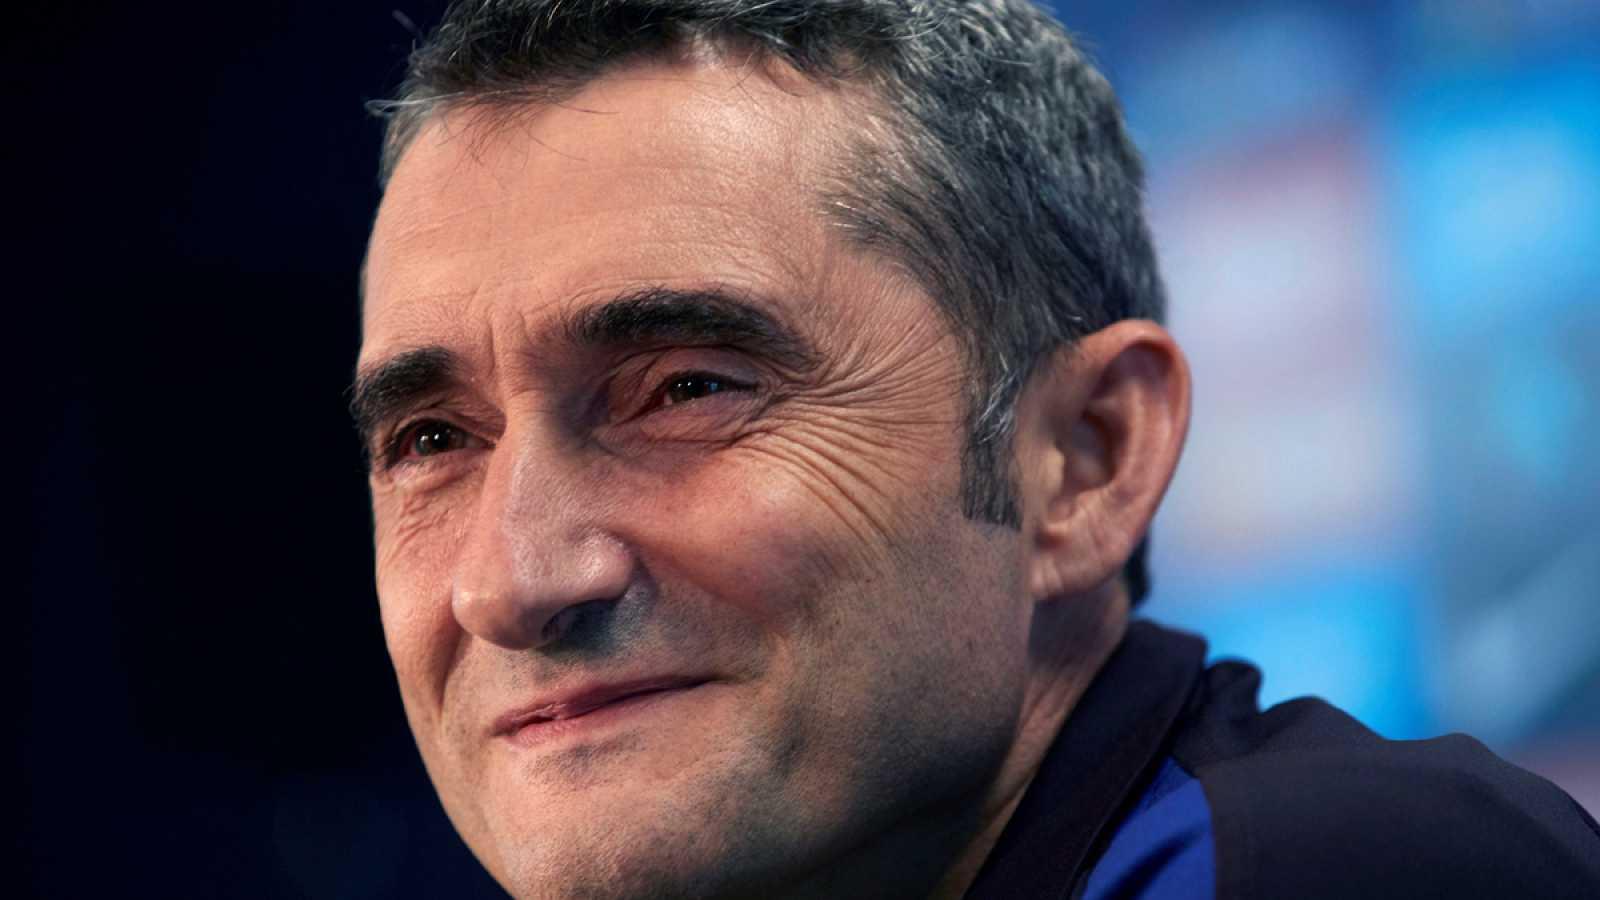 El entrenador del Barcelona, Ernesto Valverde, durante la rueda de prensa